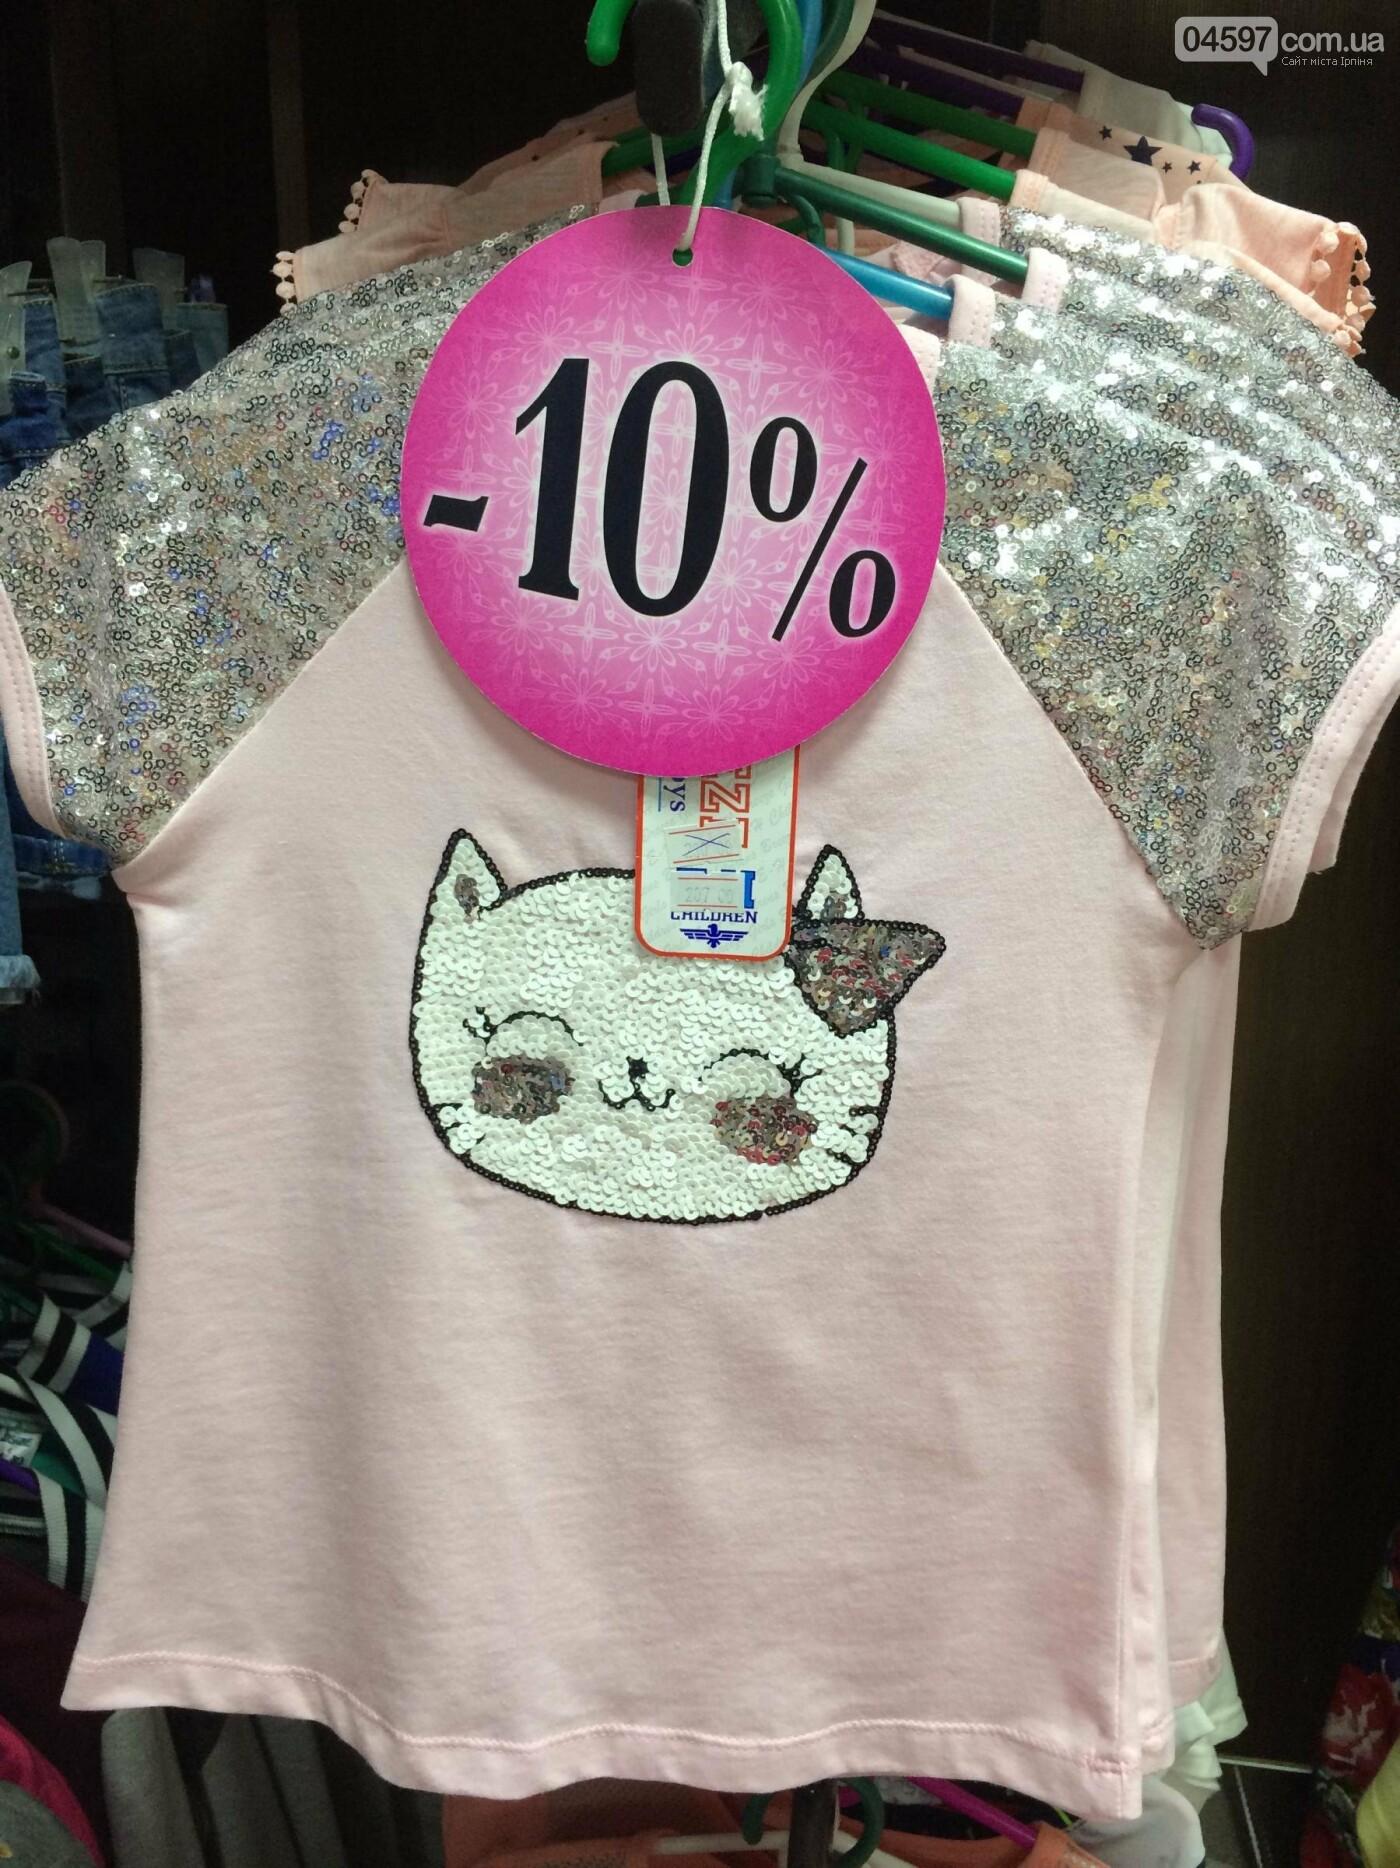 Де купити дитячий одяг в Ірпені: асортимент та ціни, фото-77